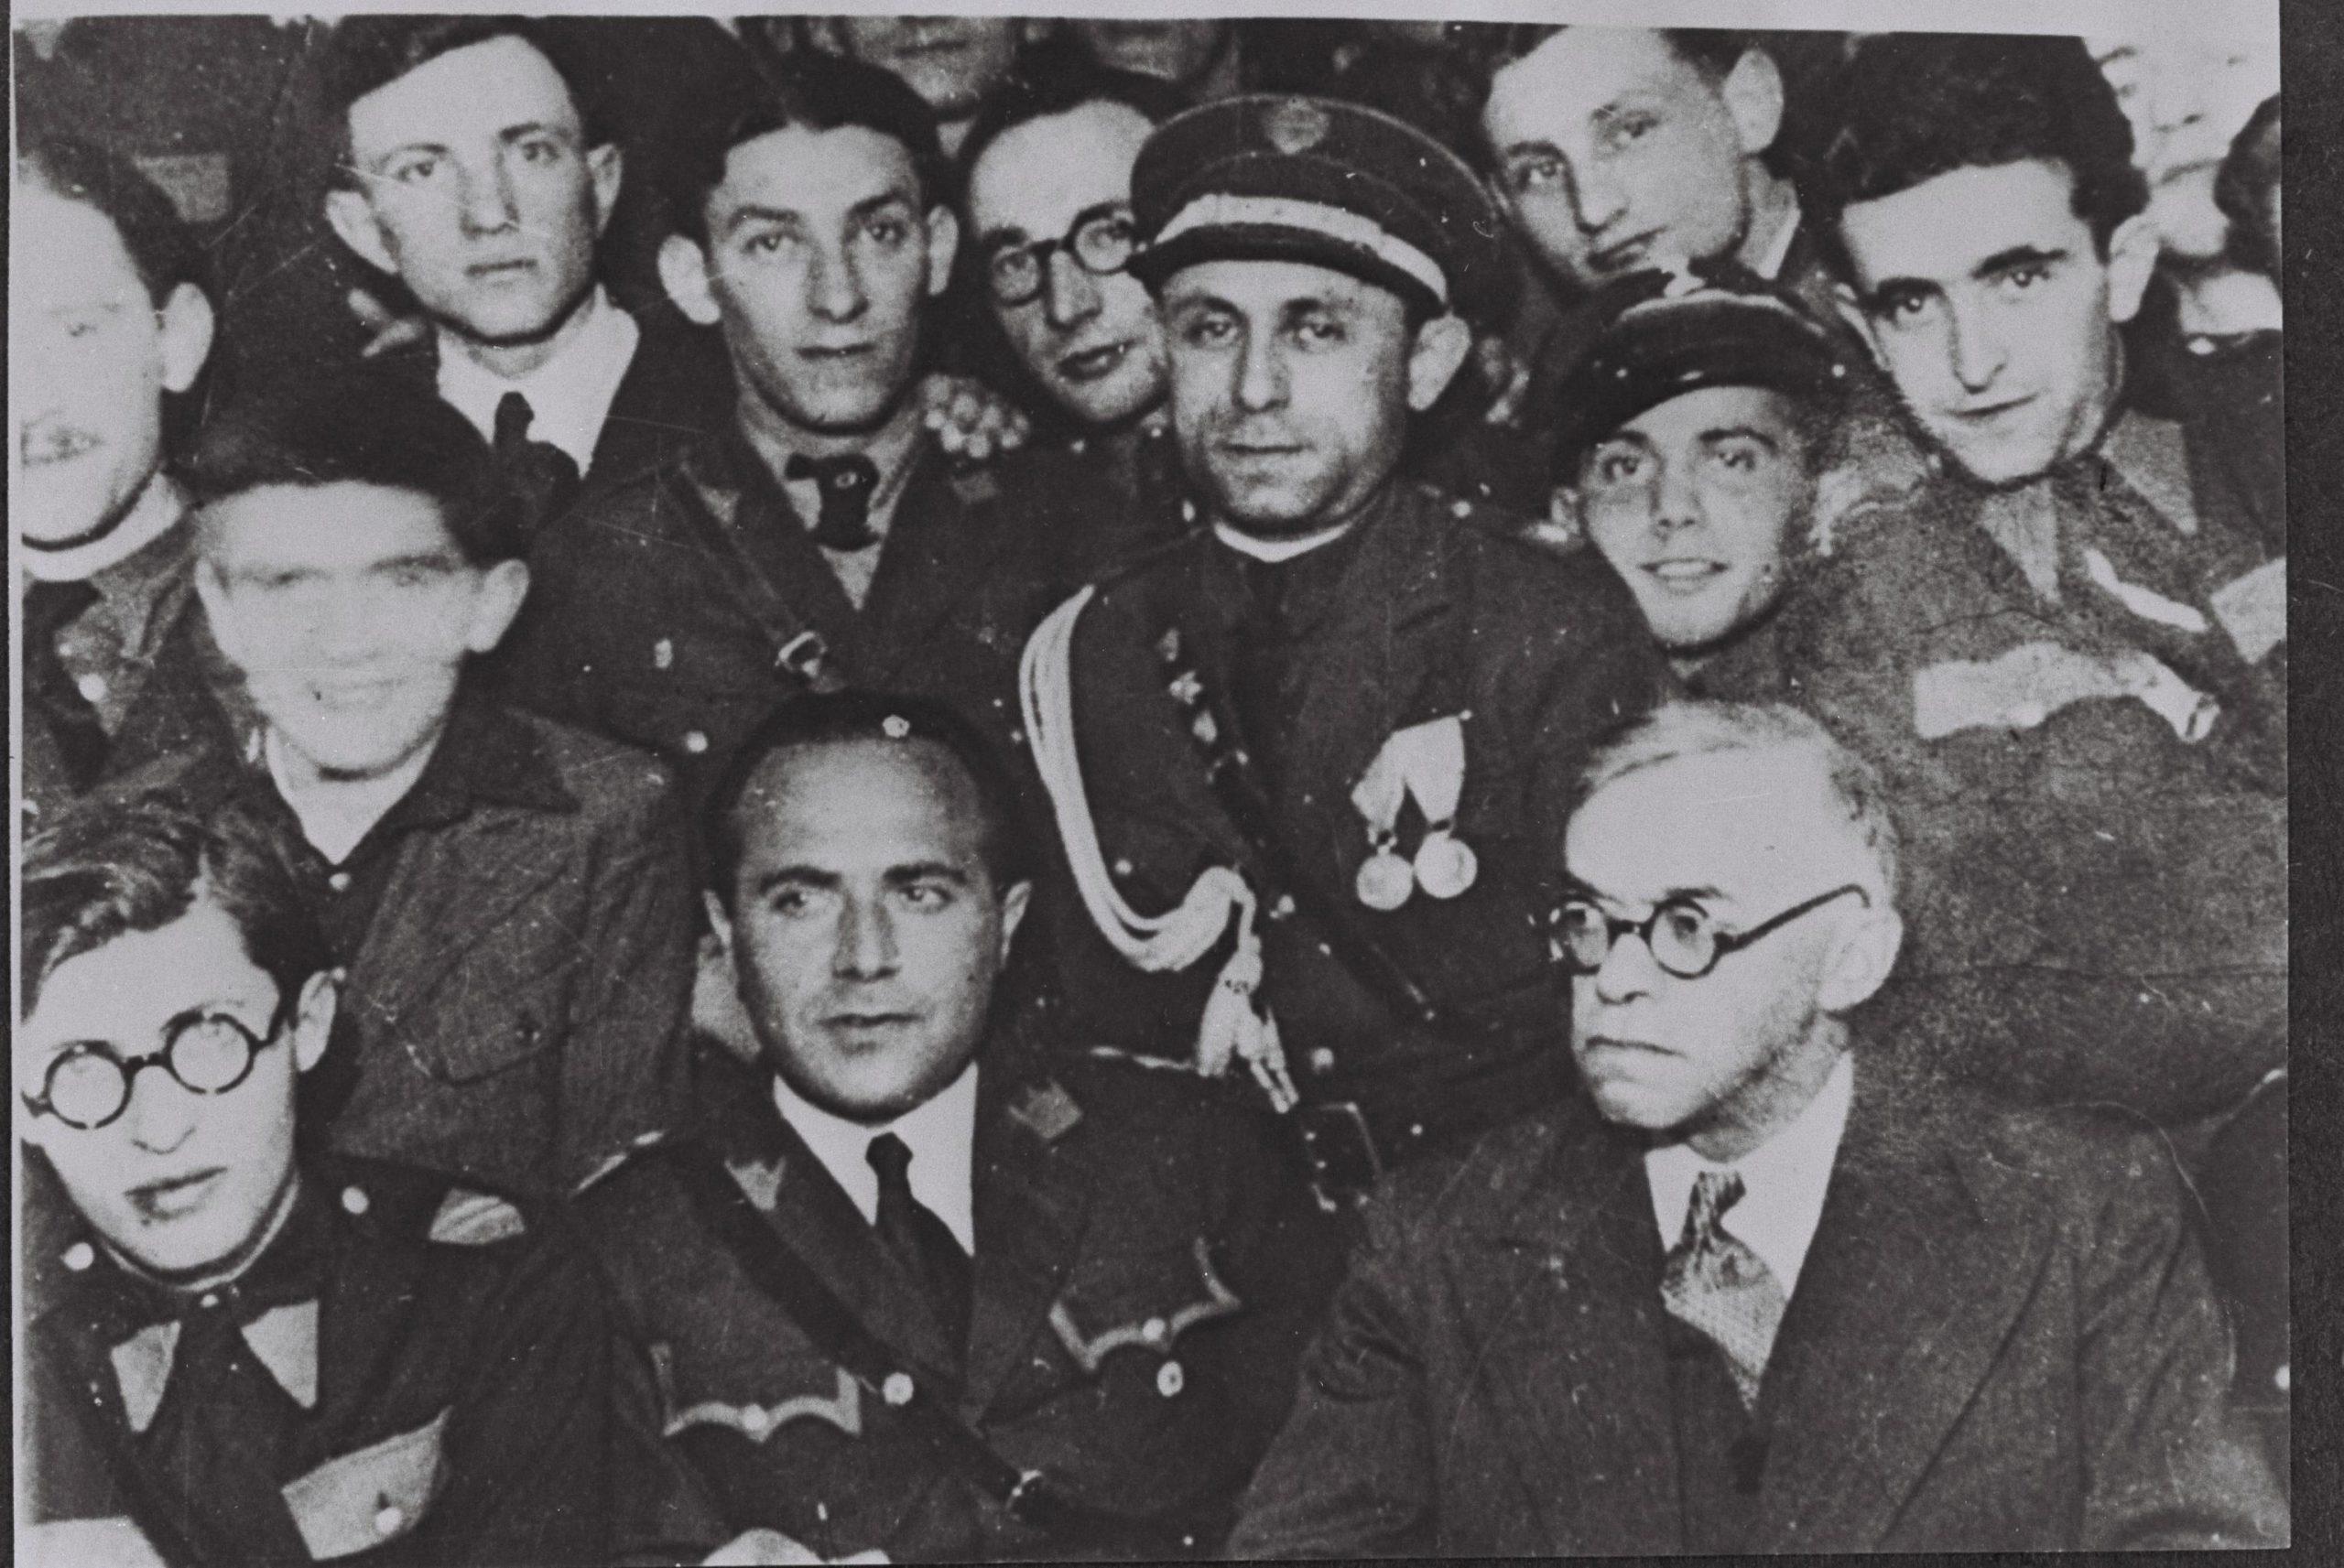 זאב ז'בוטינסקי נפגש עם מנהיגי בית